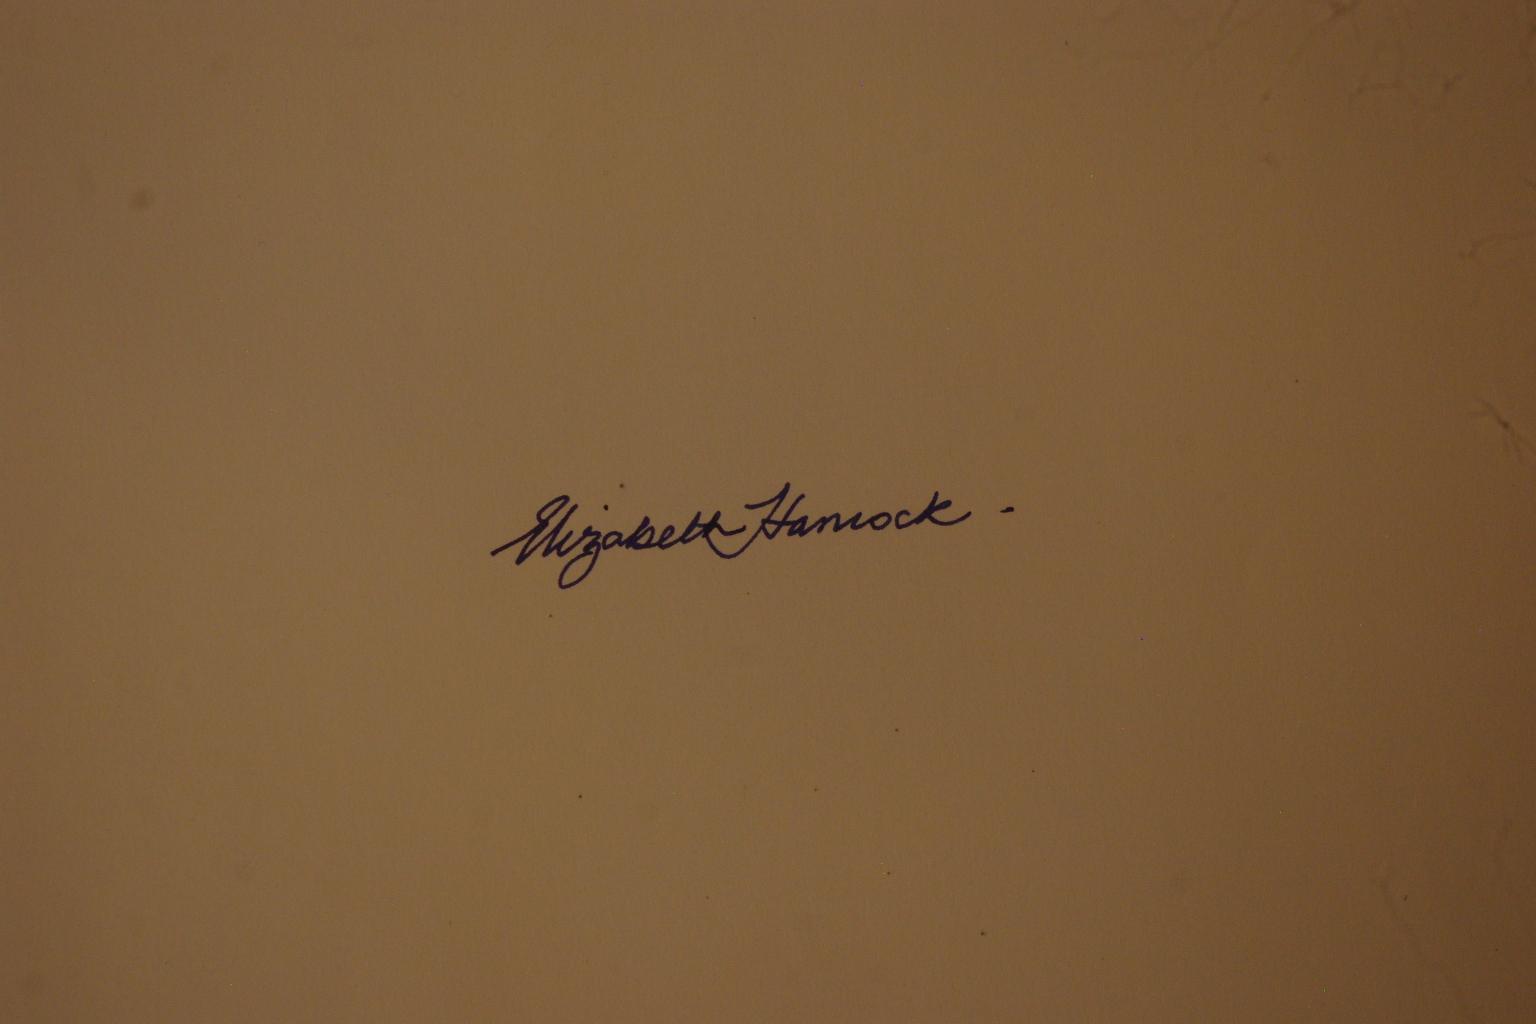 elizabeth hancock Signature